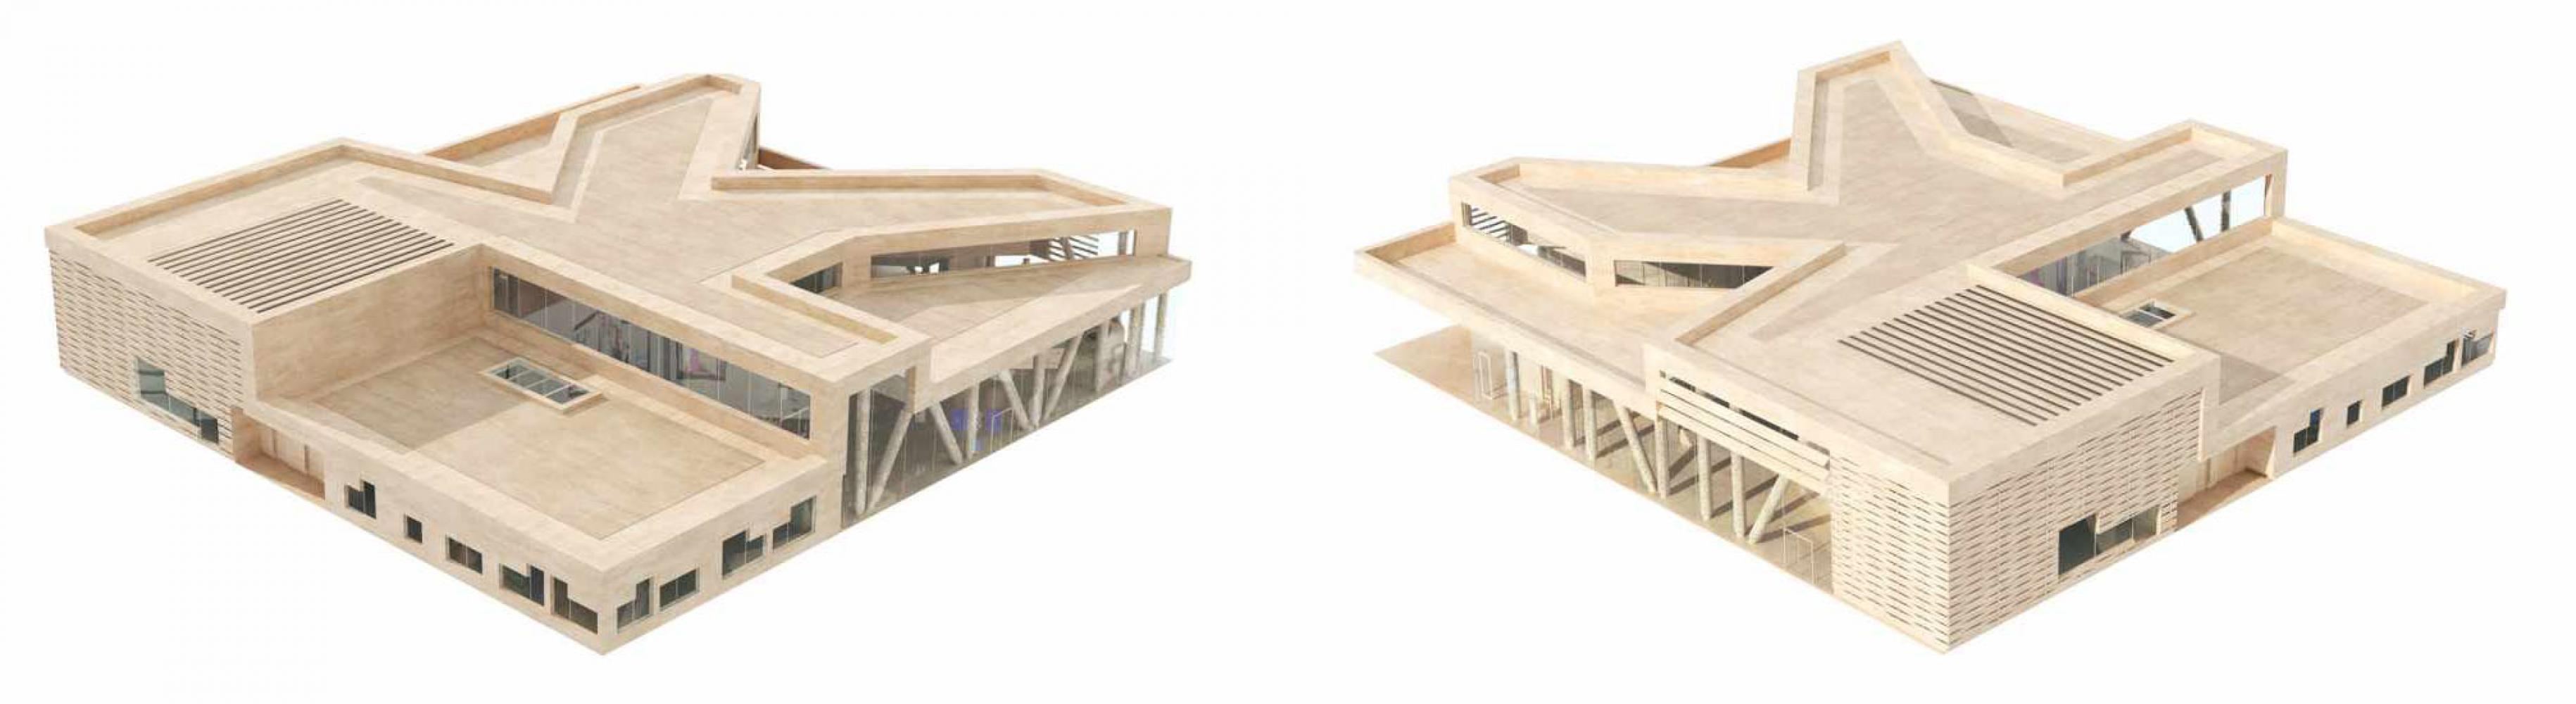 plan_cote_a_cote_harnes01 Pascale SEURIN Architecte - Pascale SEURIN Architecte